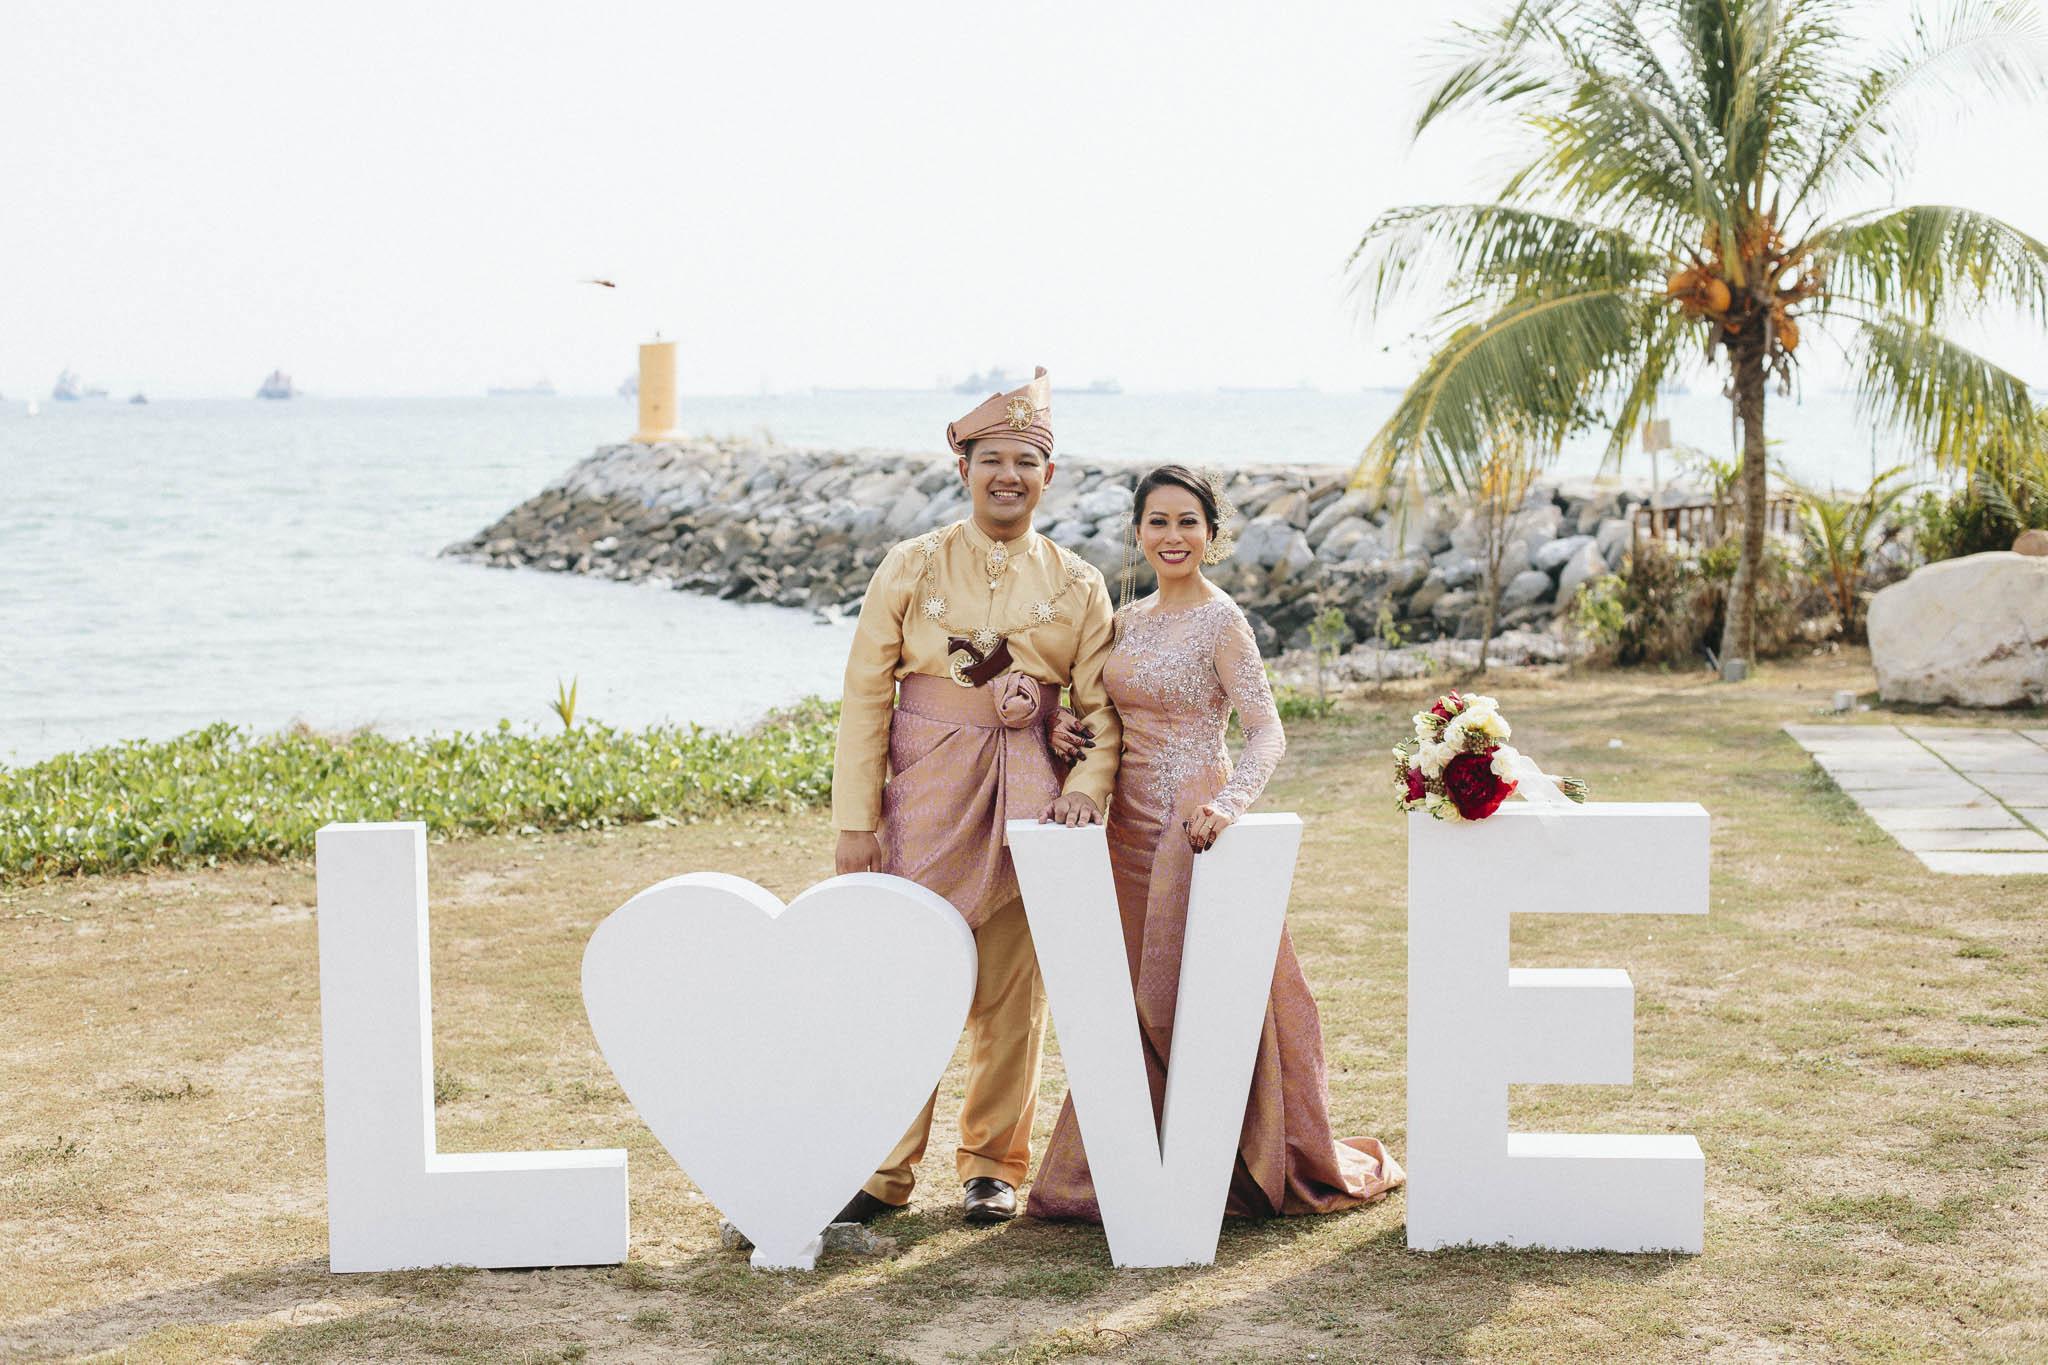 singapore-wedding-photographer-hafidz-hazlin-49.jpg